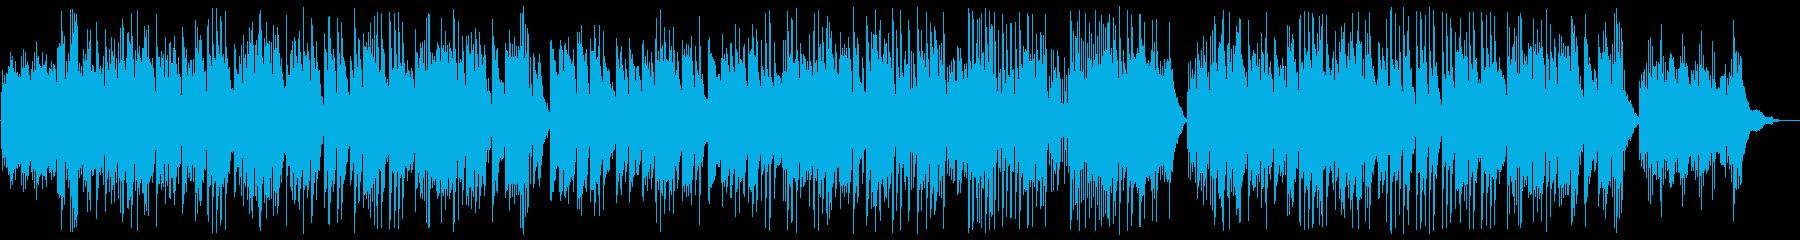 美しく透明感のあるピアノサウンドの再生済みの波形